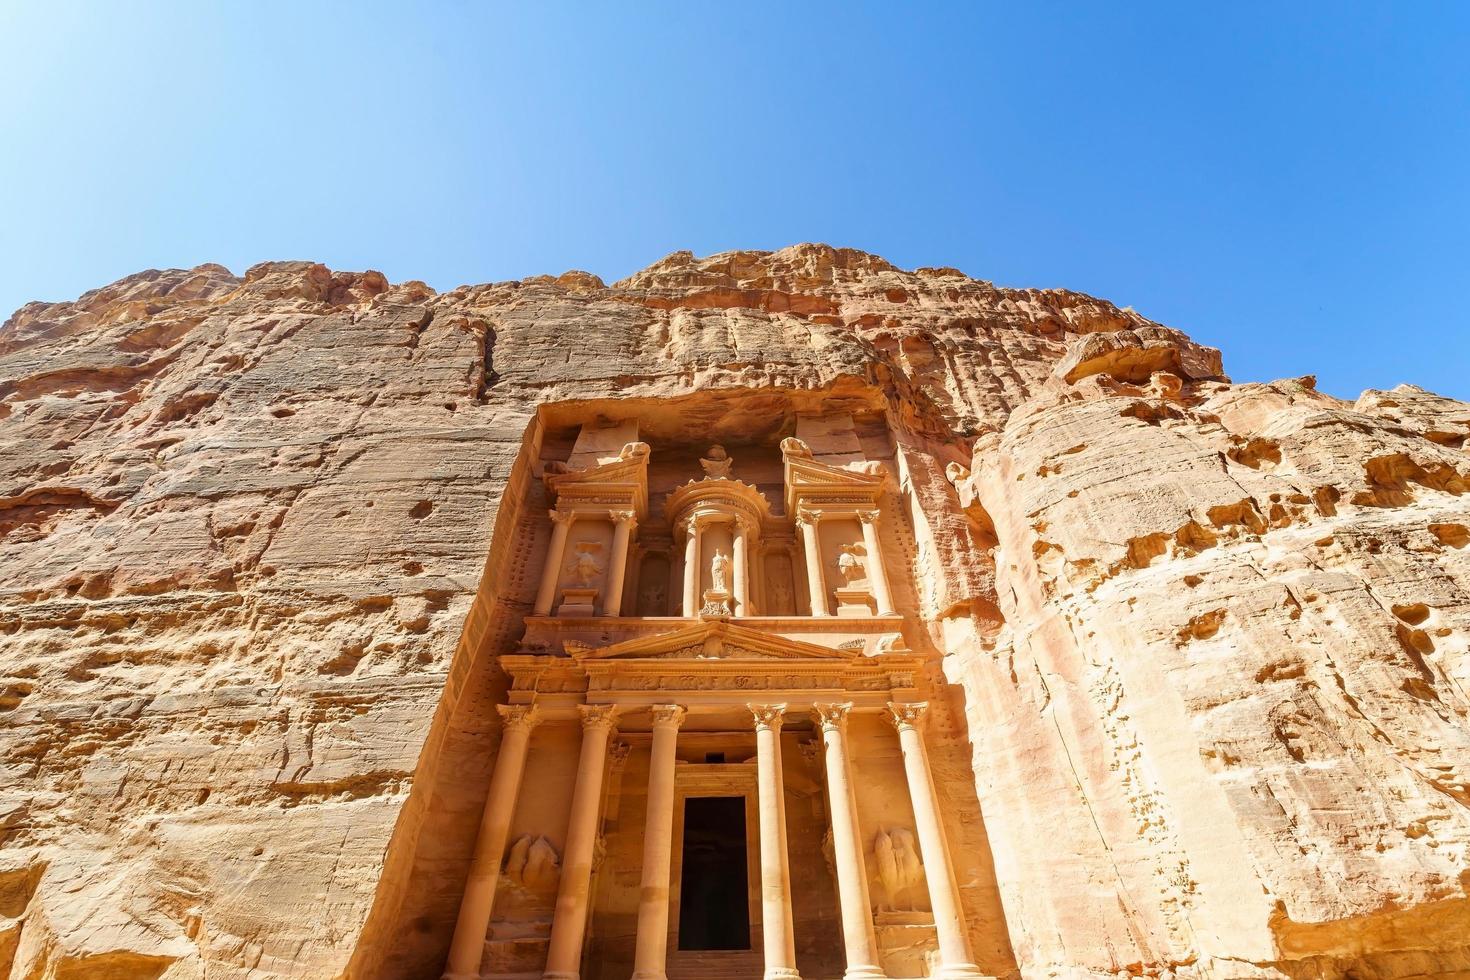 Le trésor dans l'ancien royaume arabe nabatéen ville de Petra, Jordanie photo